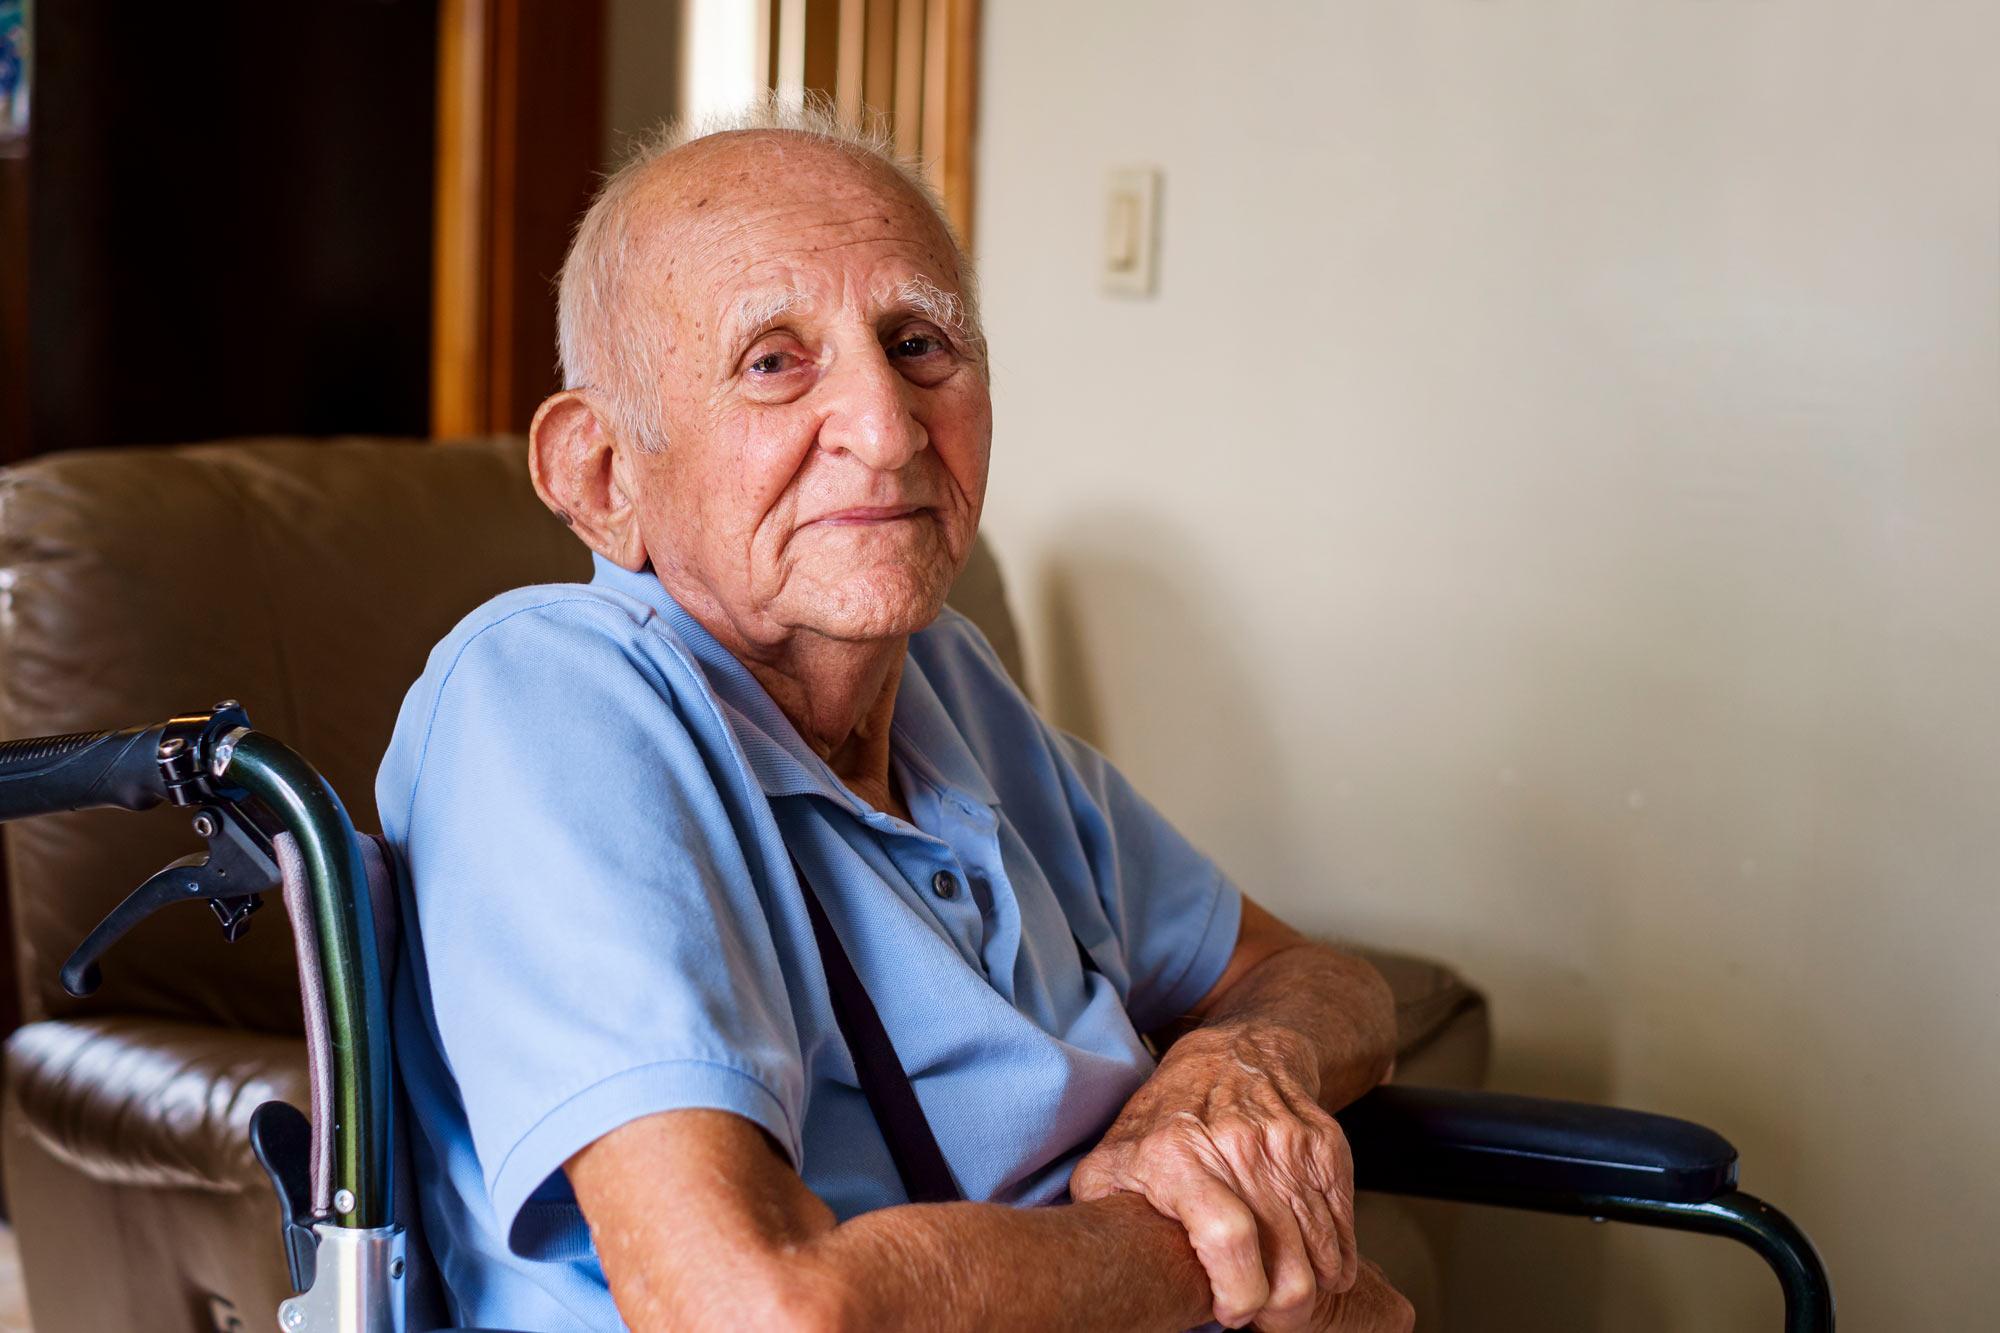 Apteekeilla merkittävä rooli kotihoidon piirissä olevien iäkkäiden lääkitysturvallisuuden parantamisessa